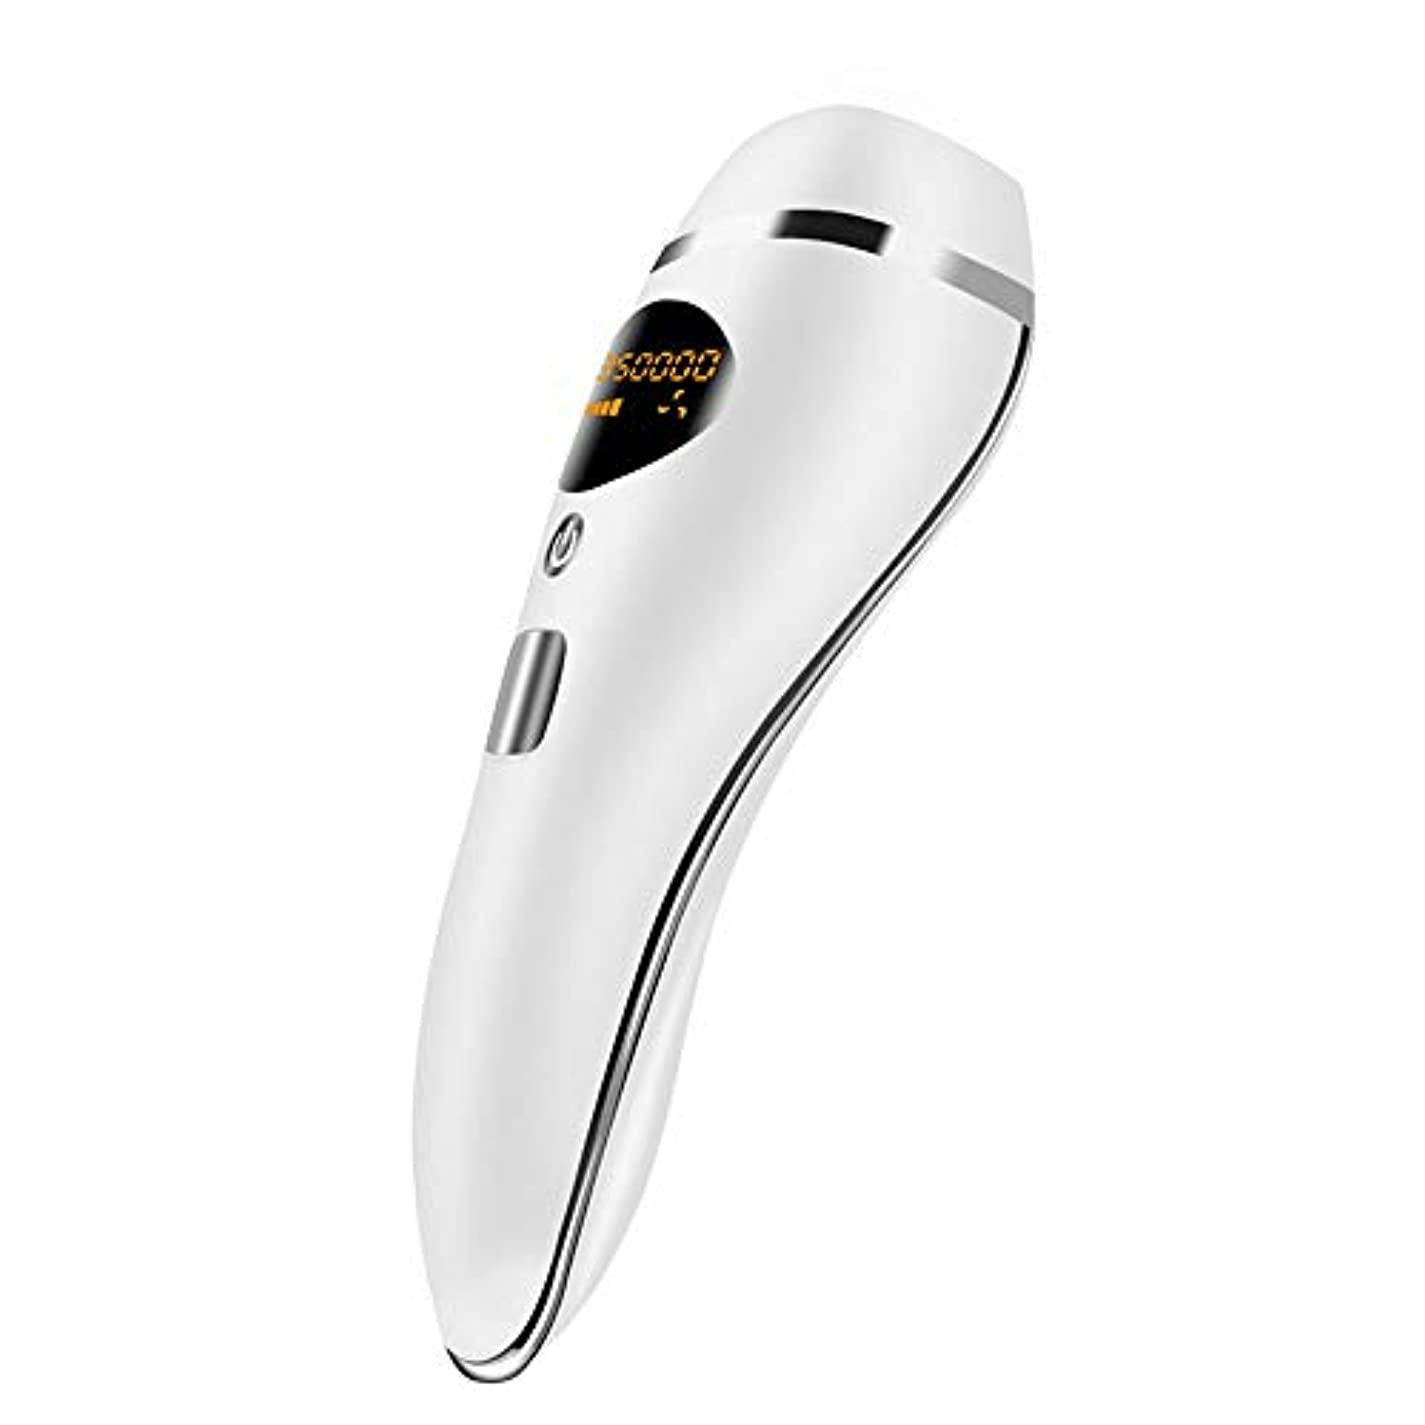 石膏確立スピリチュアル自動全身無痛脱毛剤、ホワイト、ポータブルパーマネントヘアリムーバー、デュアルモード、5速調整、サイズ20.5x7cm 快適な脱毛